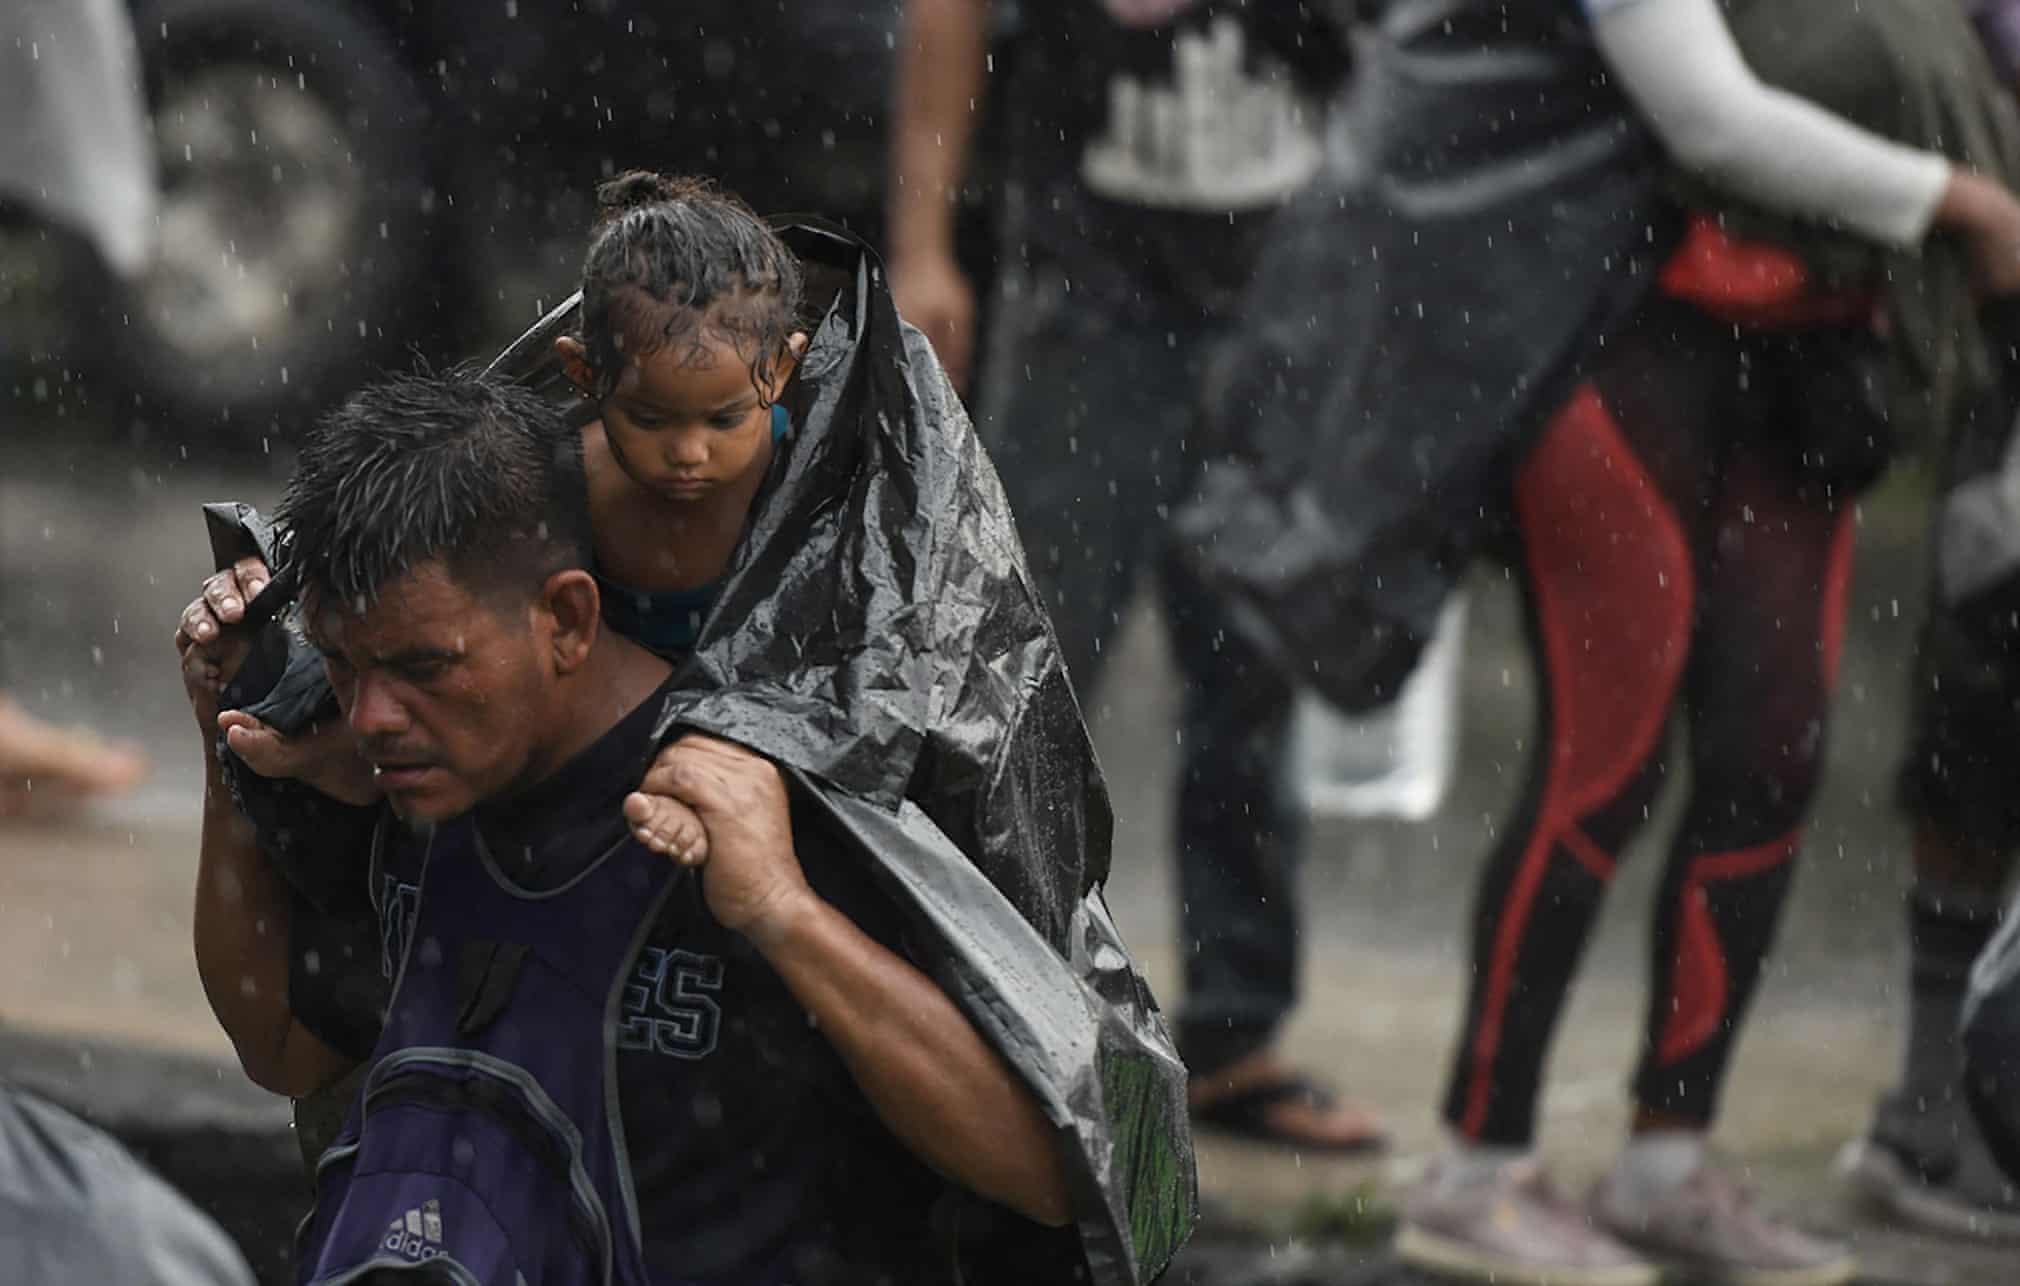 شرایط سخت مرد مکزیکی به دنبال پناهندگی